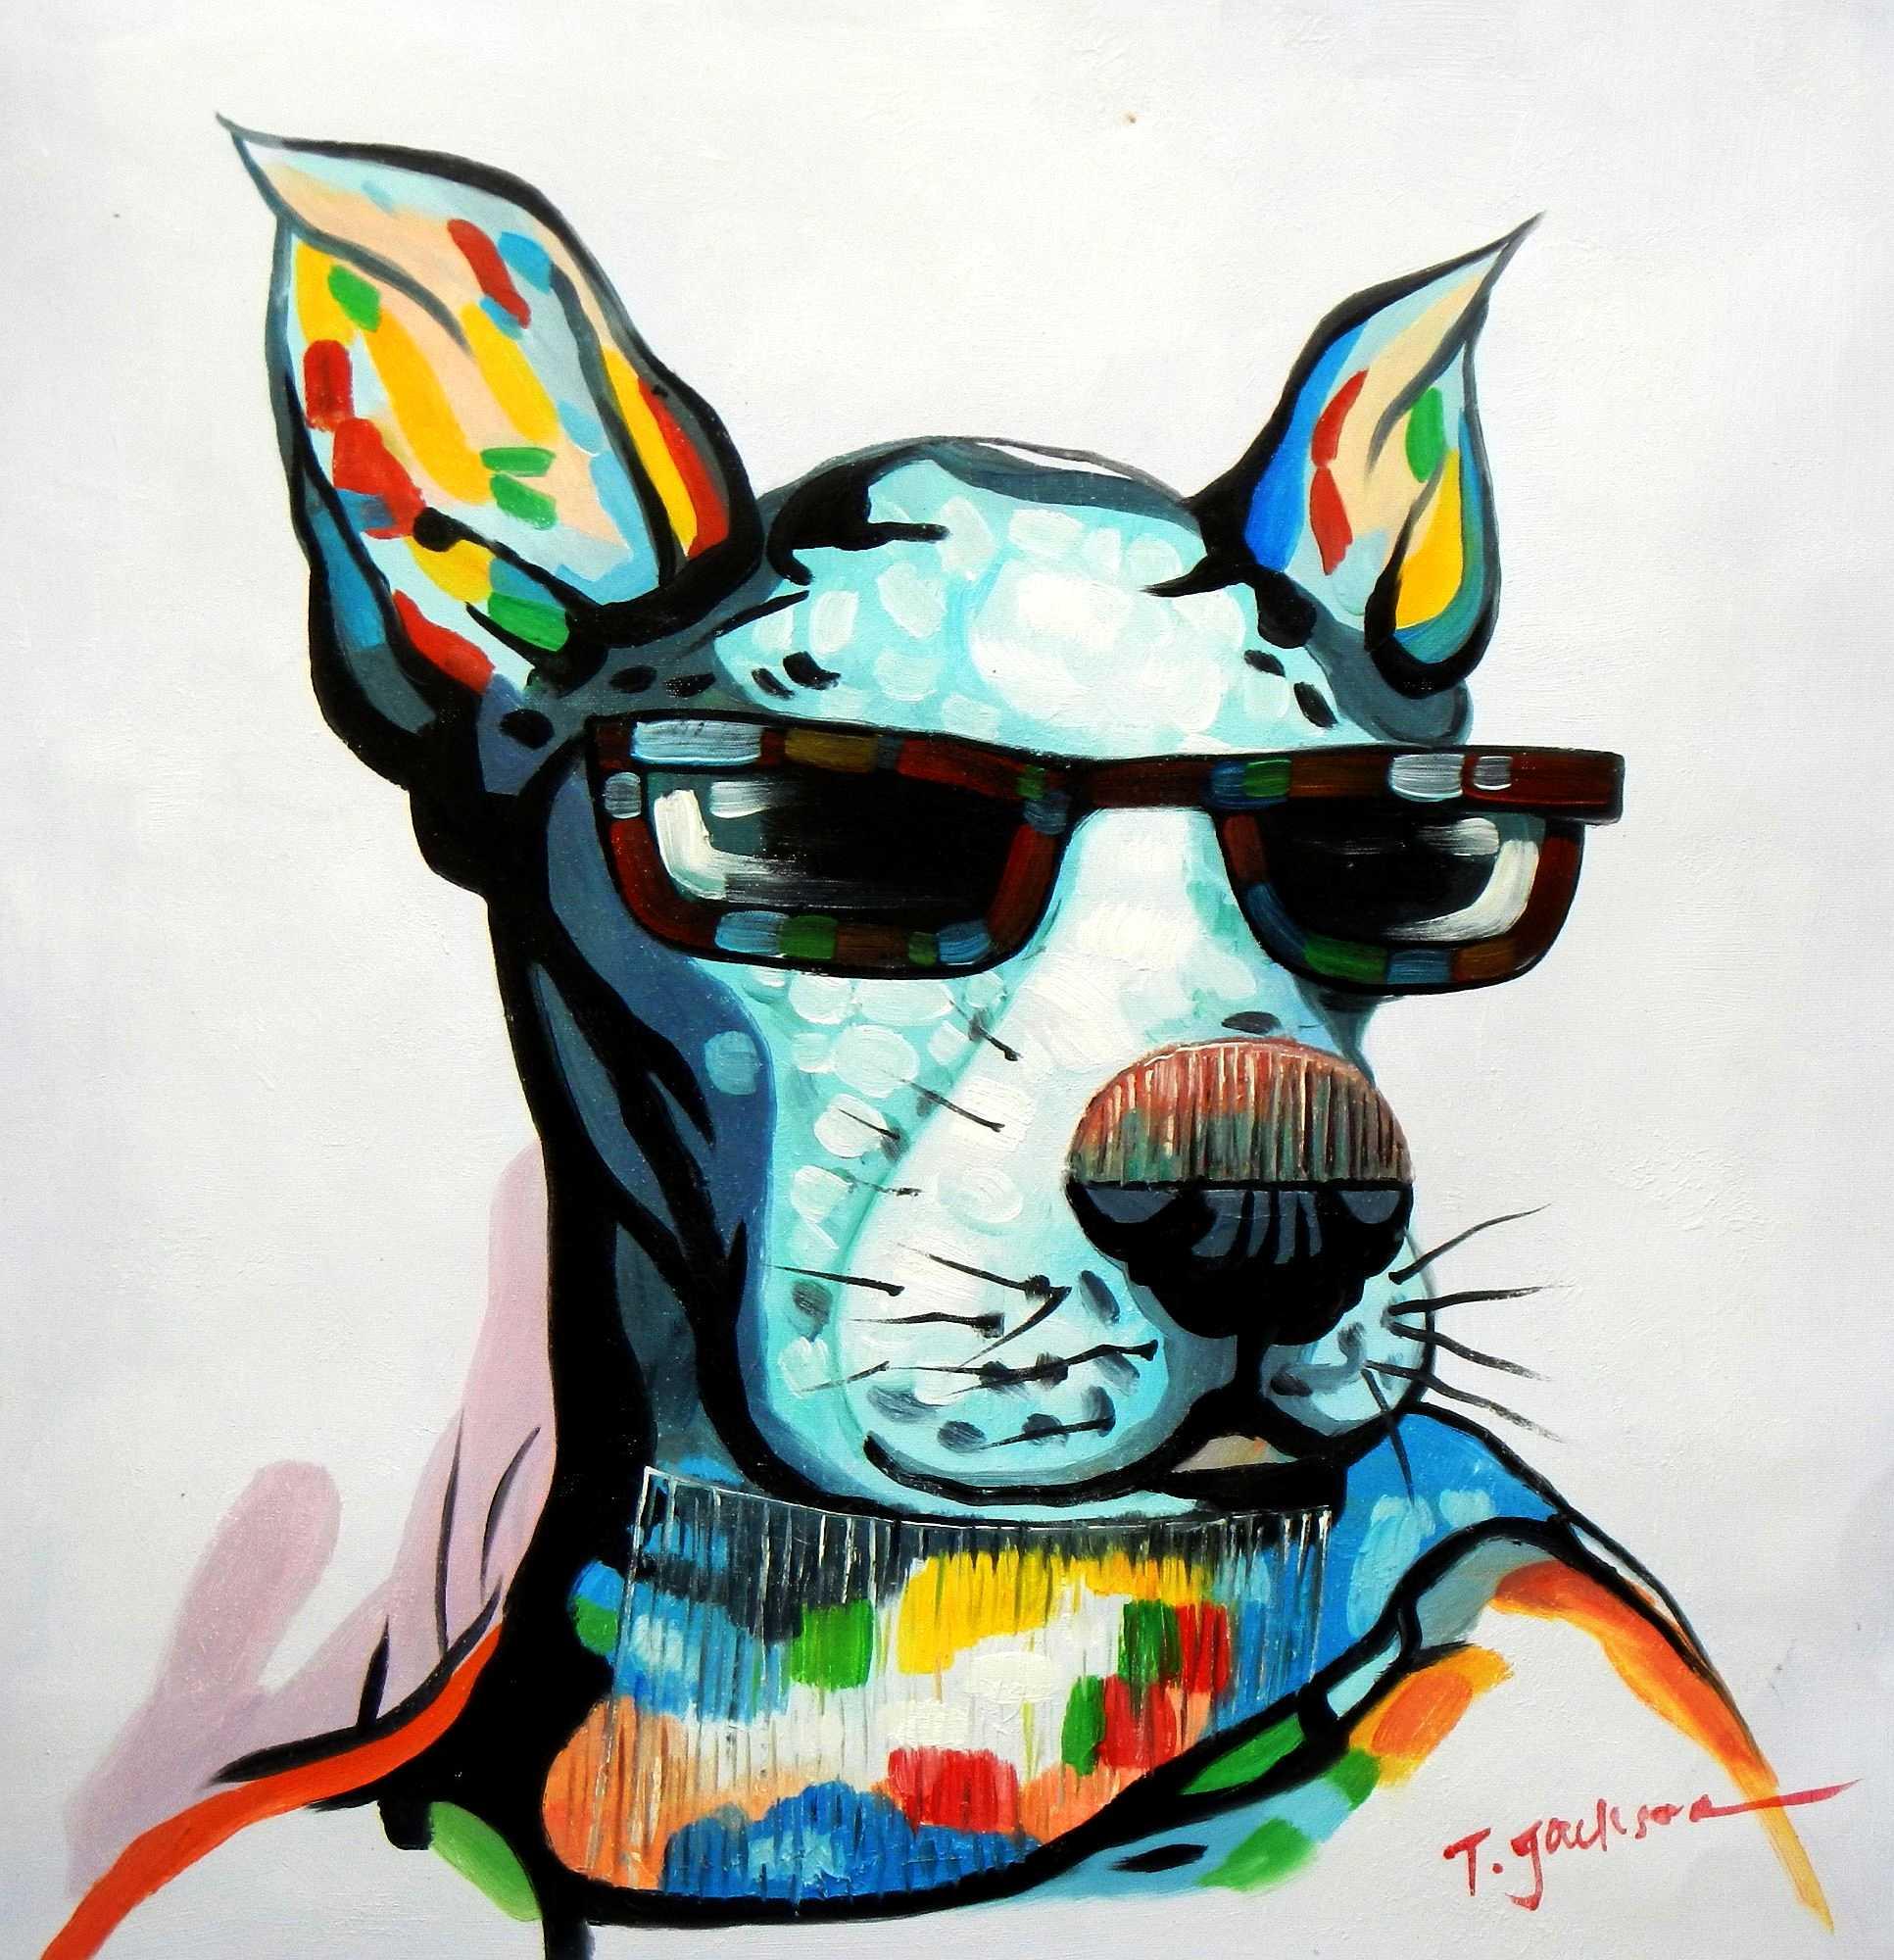 Modern Art - Dogge mit Sonnenbrille e94904 60x60cm Ölbild handgemalt